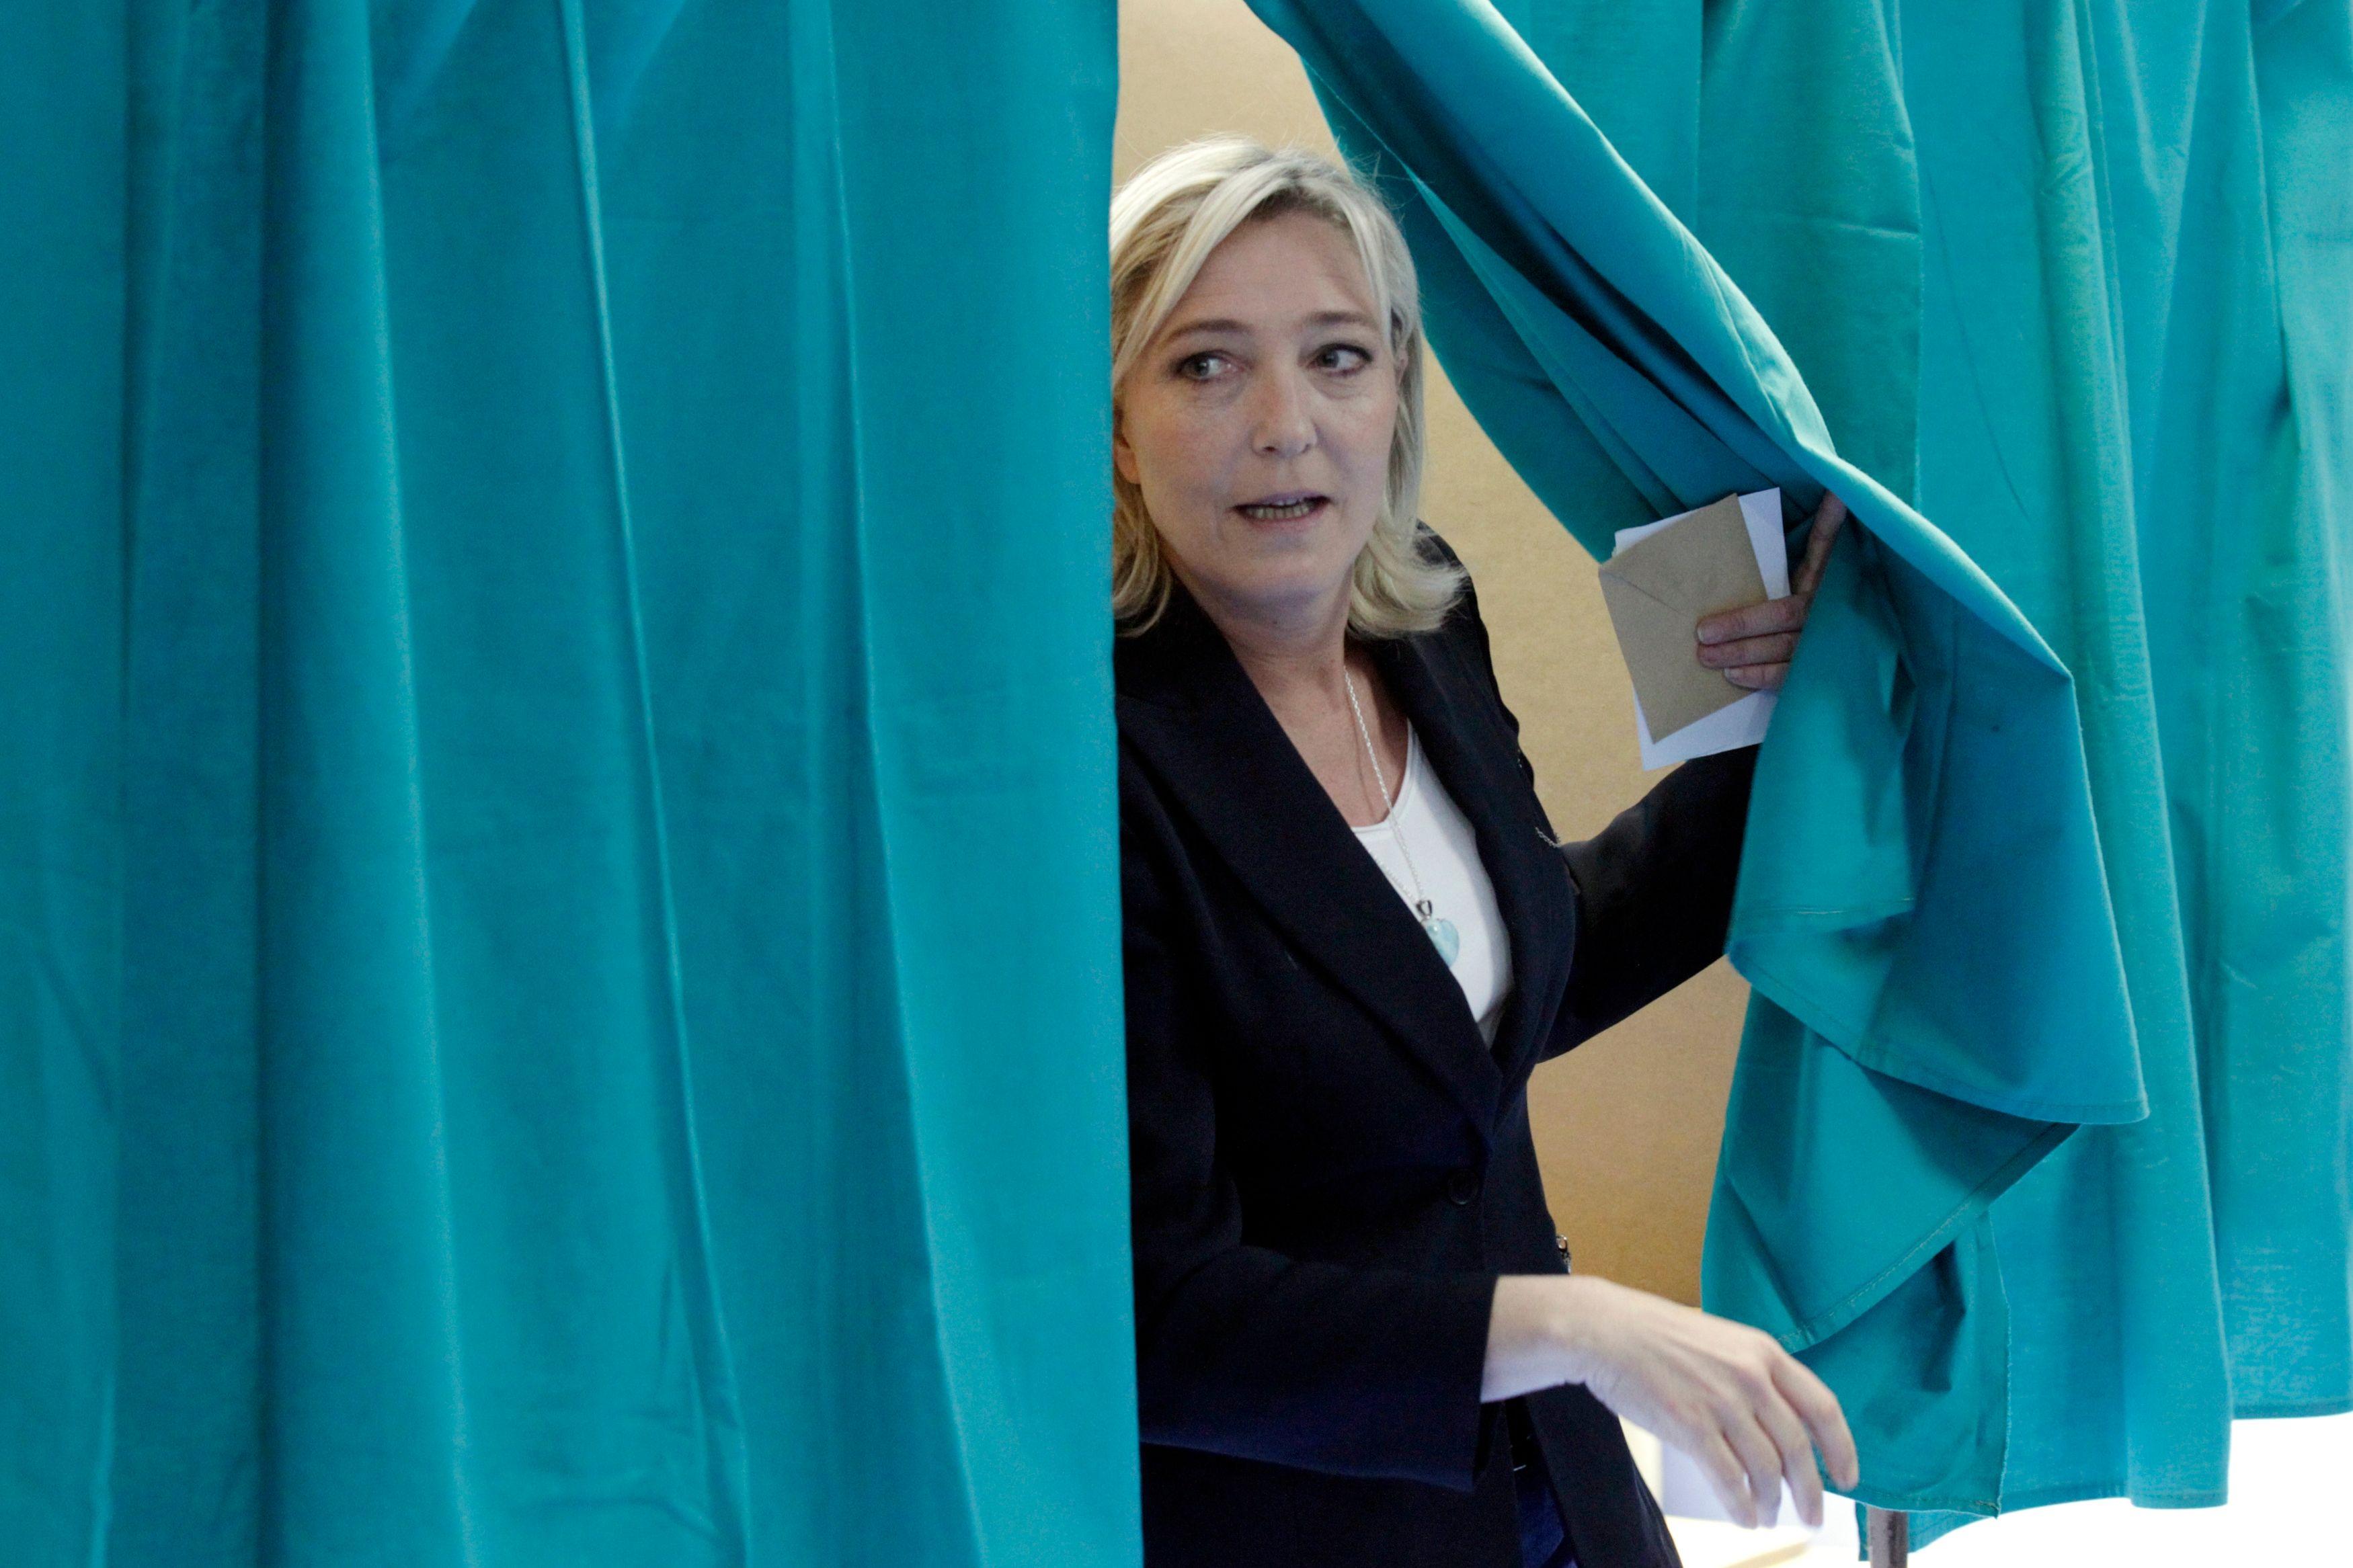 Les dernières élections en France ont montré un affaissement du paysage politique.